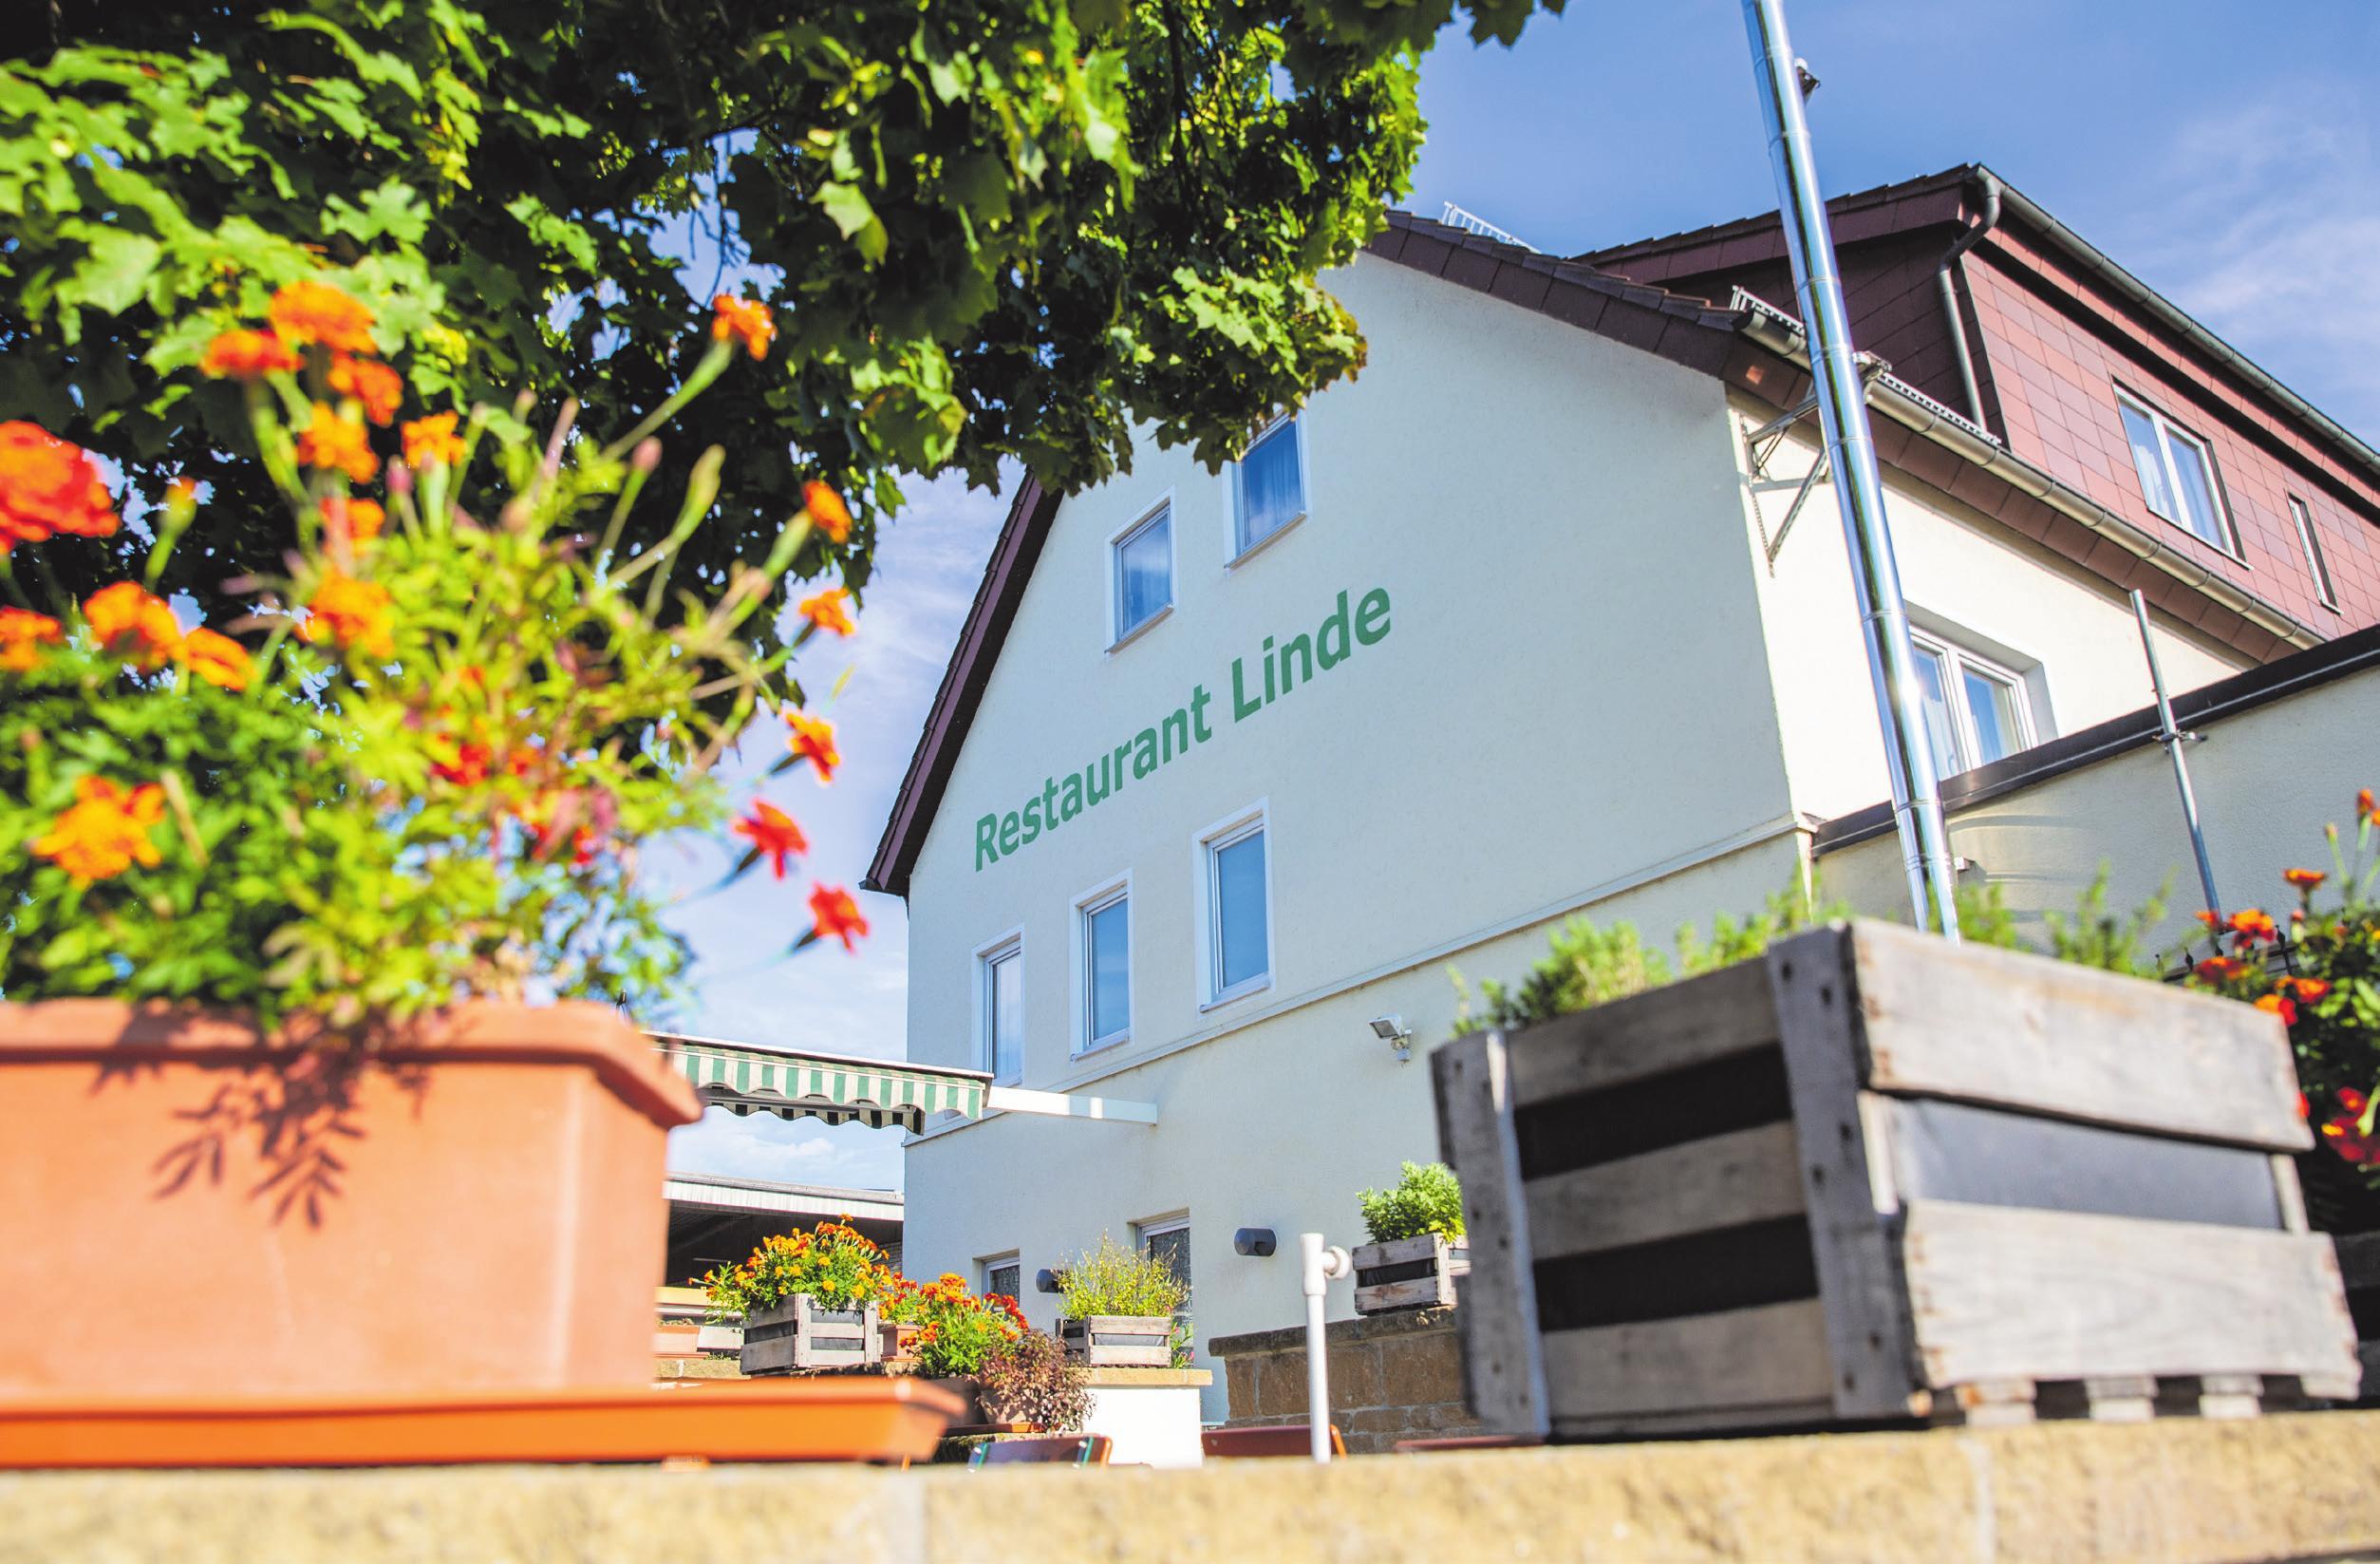 Außen wie innen absolut vorzeigbar: das Hotel-Restaurant Linde hat sein Restaurant modernisiert und schließt damit eine Vielzahl an Renovierungen in den vergangenen Jahren ab. Foto: Lukasz Burchardt